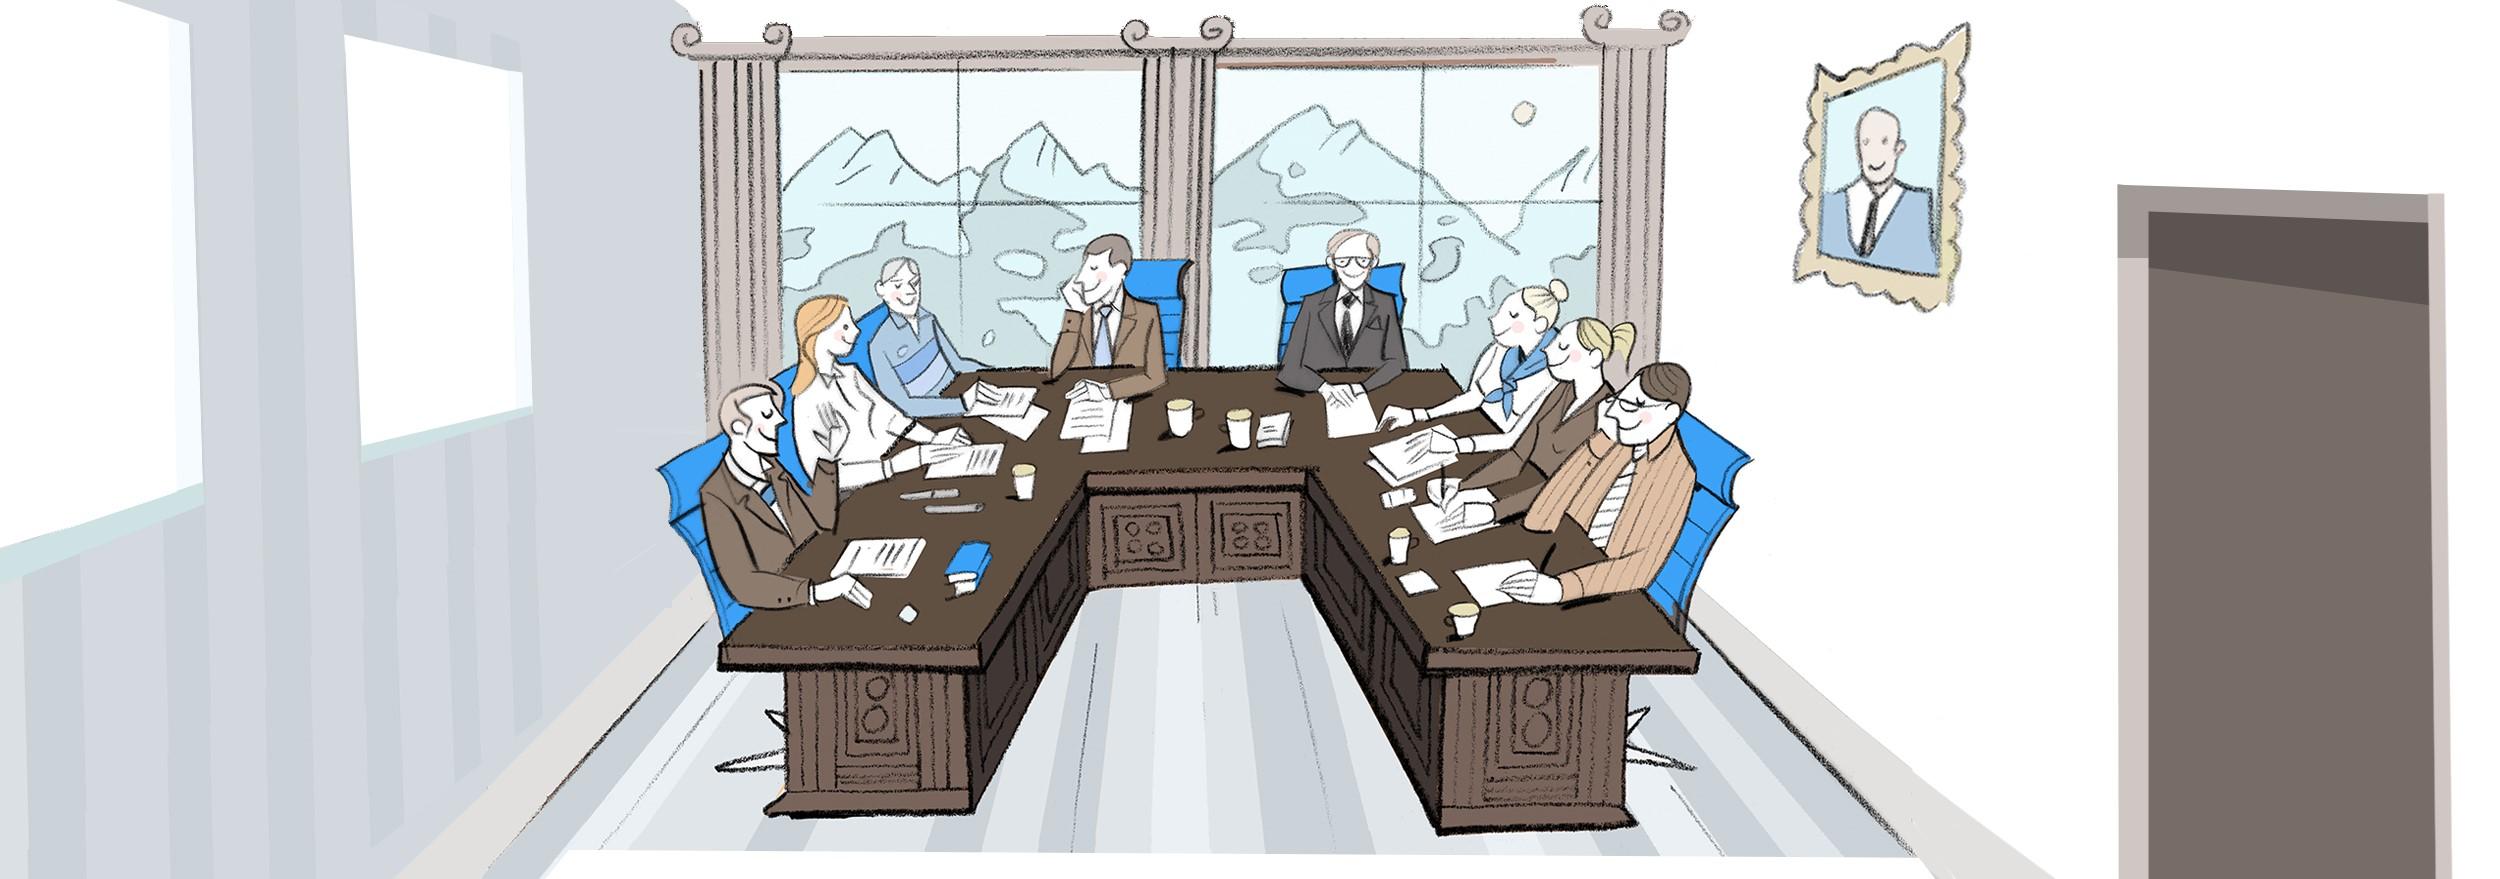 Administration-von-Gremien-und-Behörden